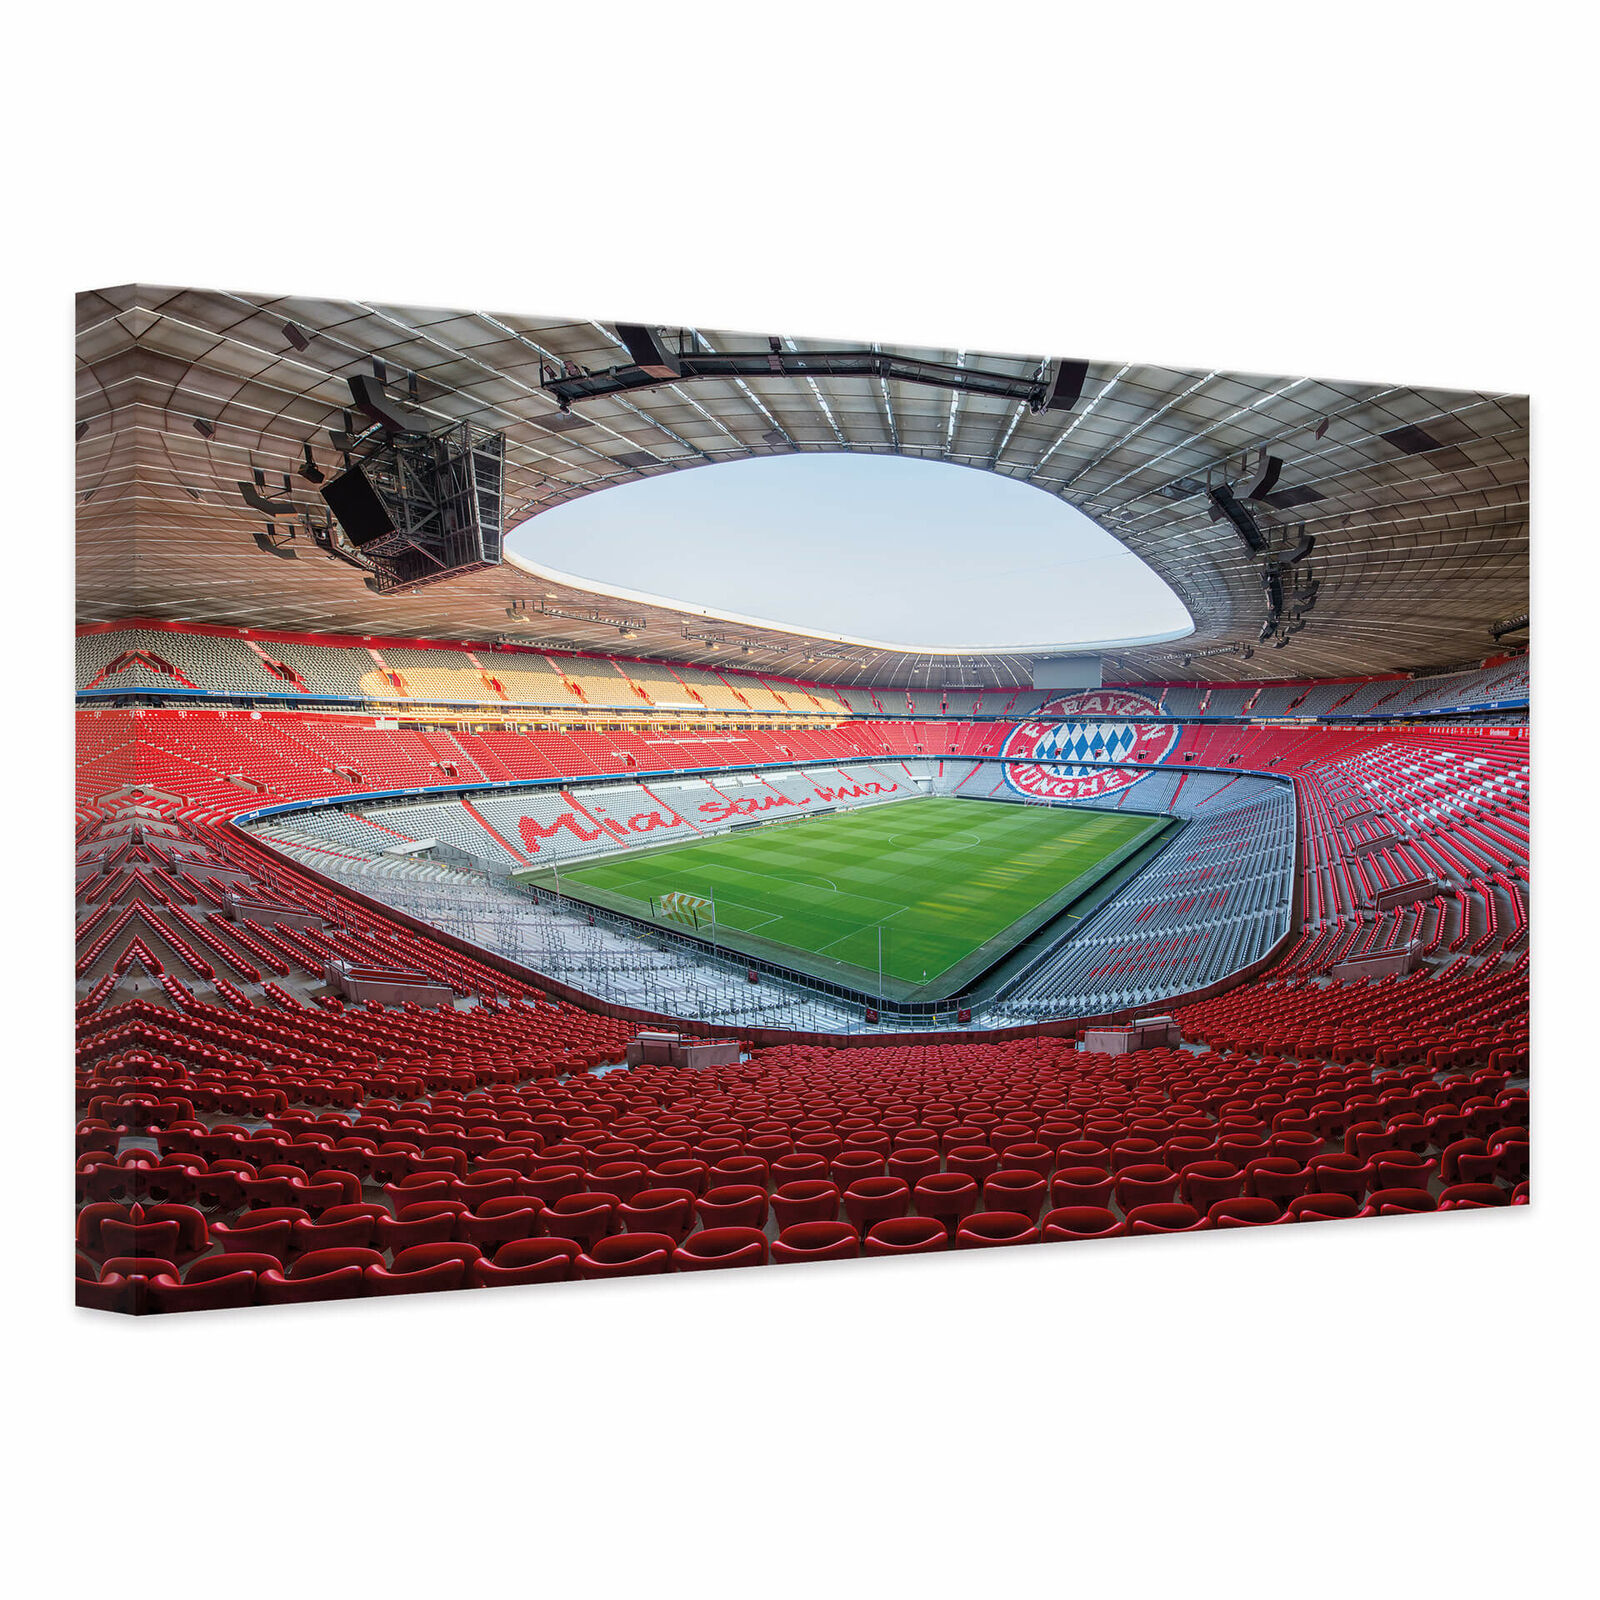 Leinwandbild FCB Stadion Mia san mia ALLIANZ ARENA FC BAYERN MÜNCHEN FANARTIKEL  | Erste Kunden Eine Vollständige Palette Von Spezifikationen